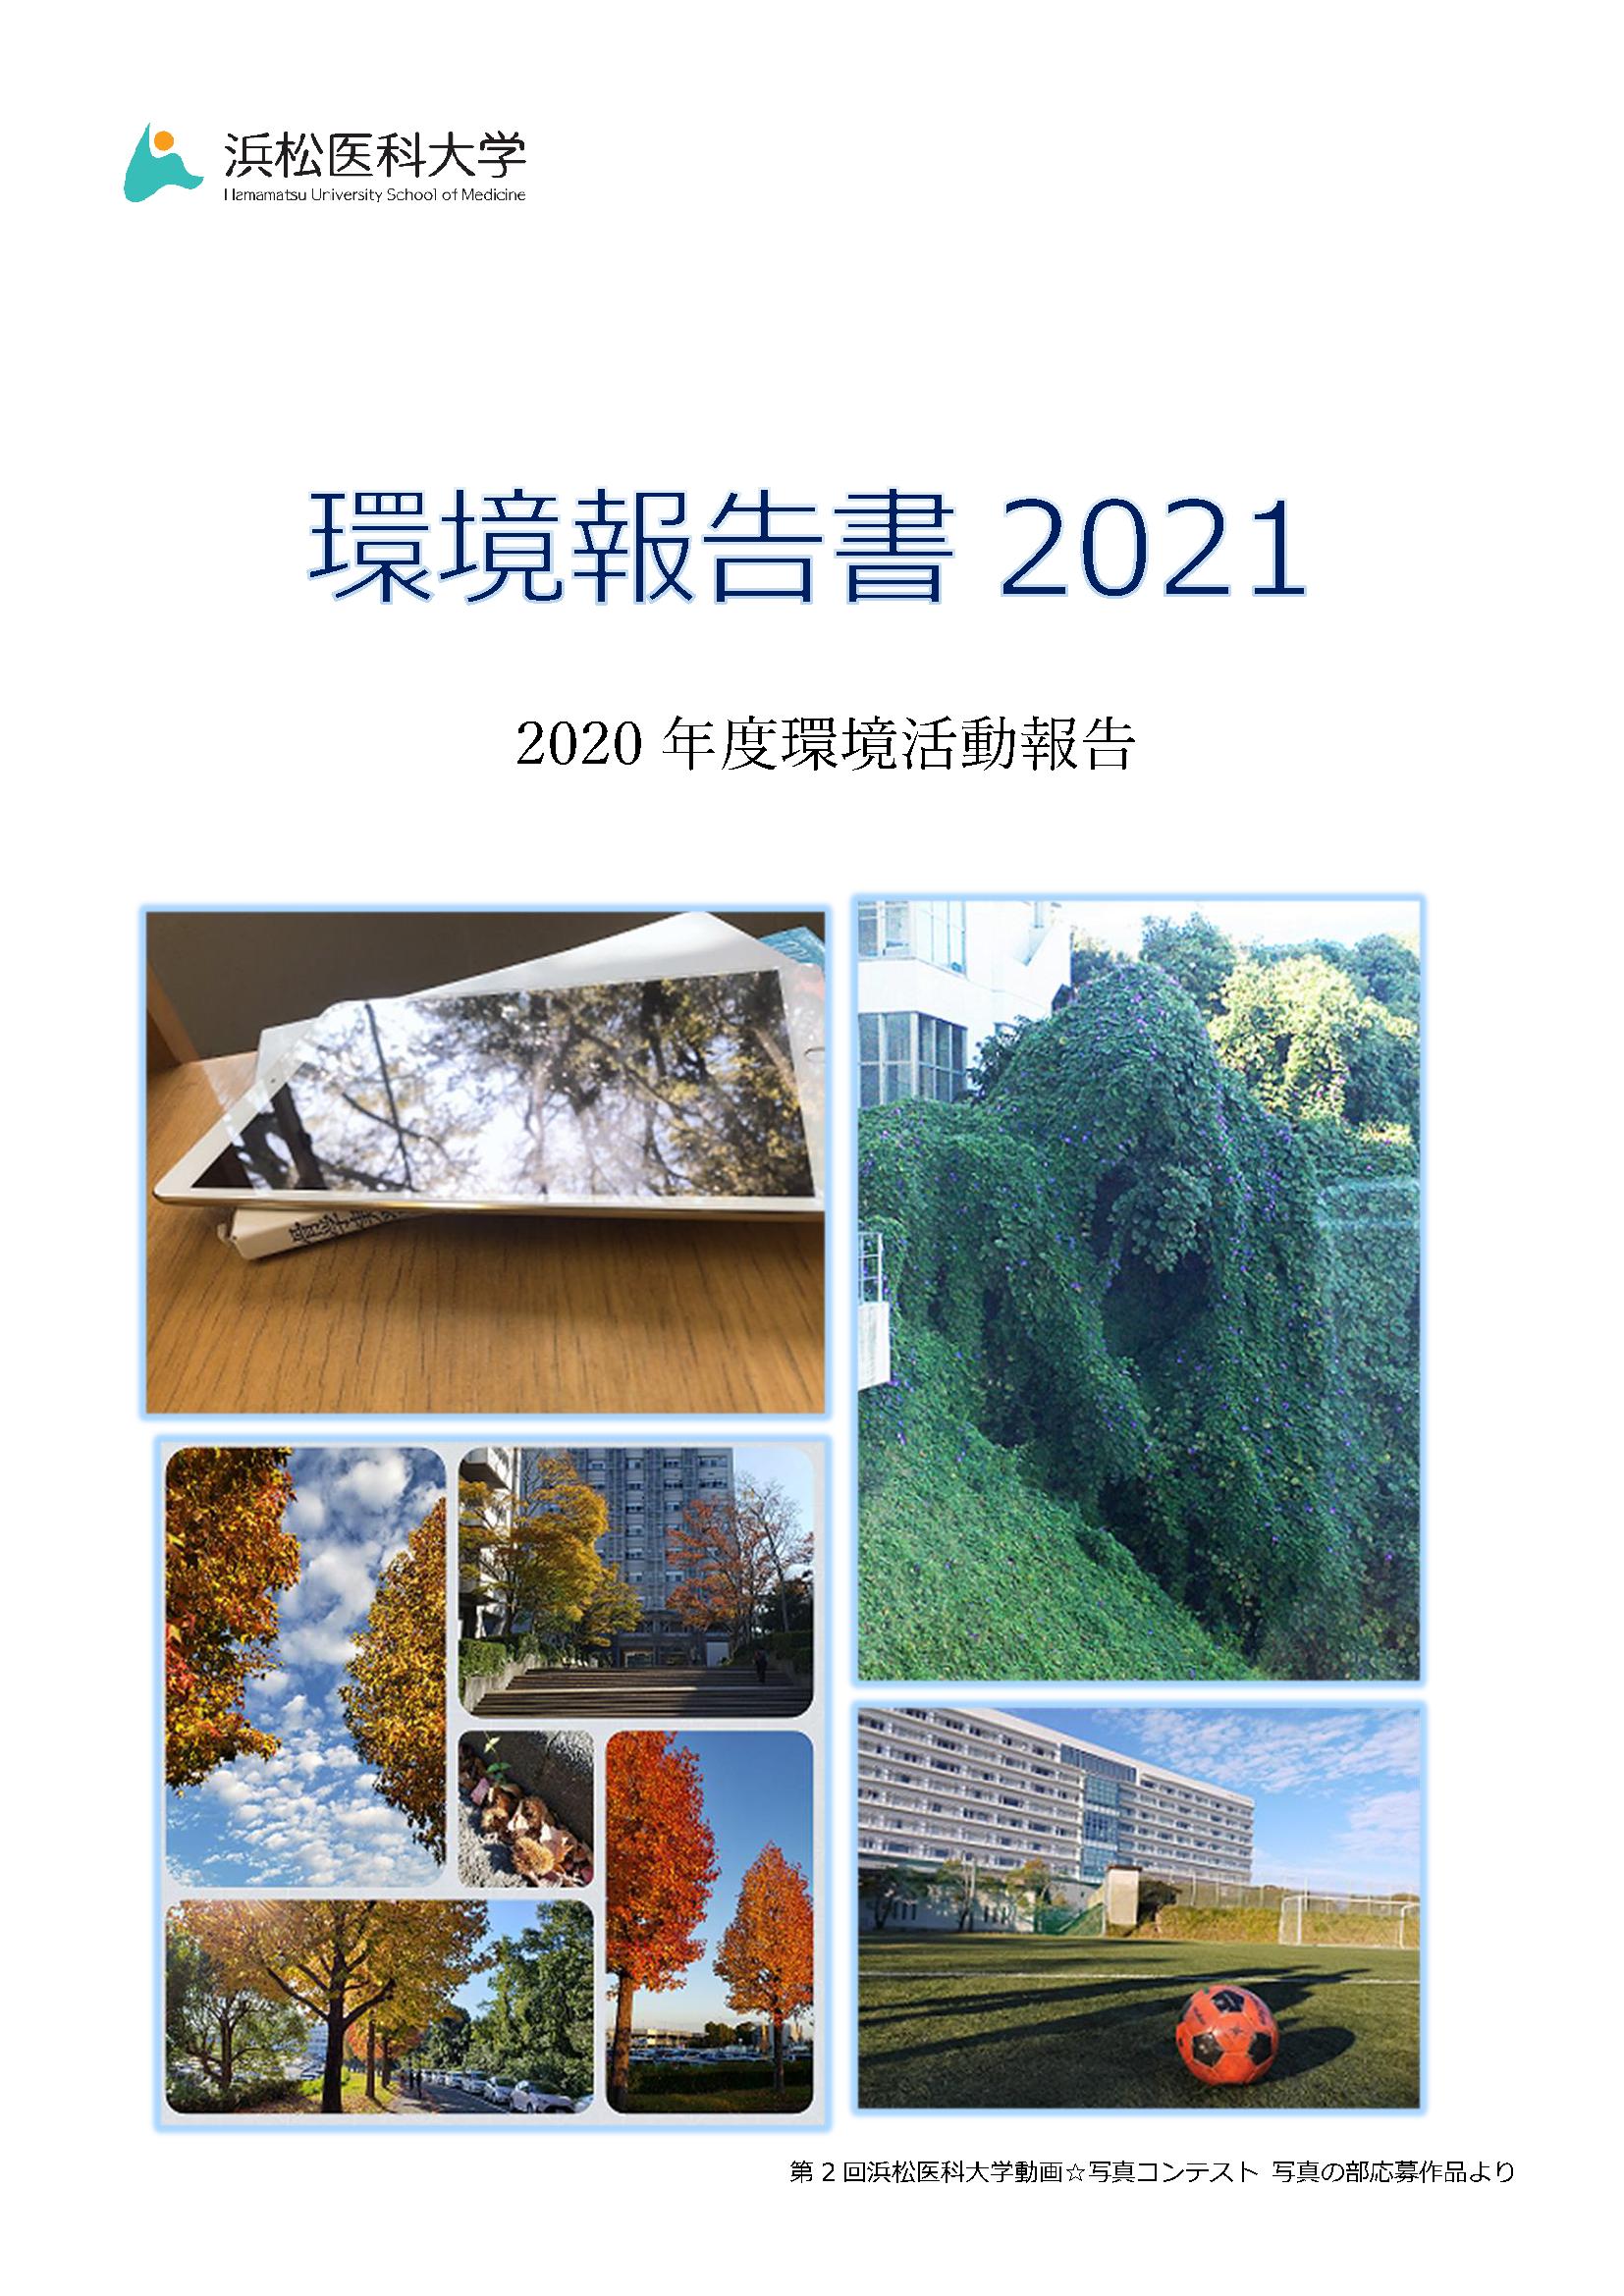 2021年度環境報告書(2020年度環境活動報告)